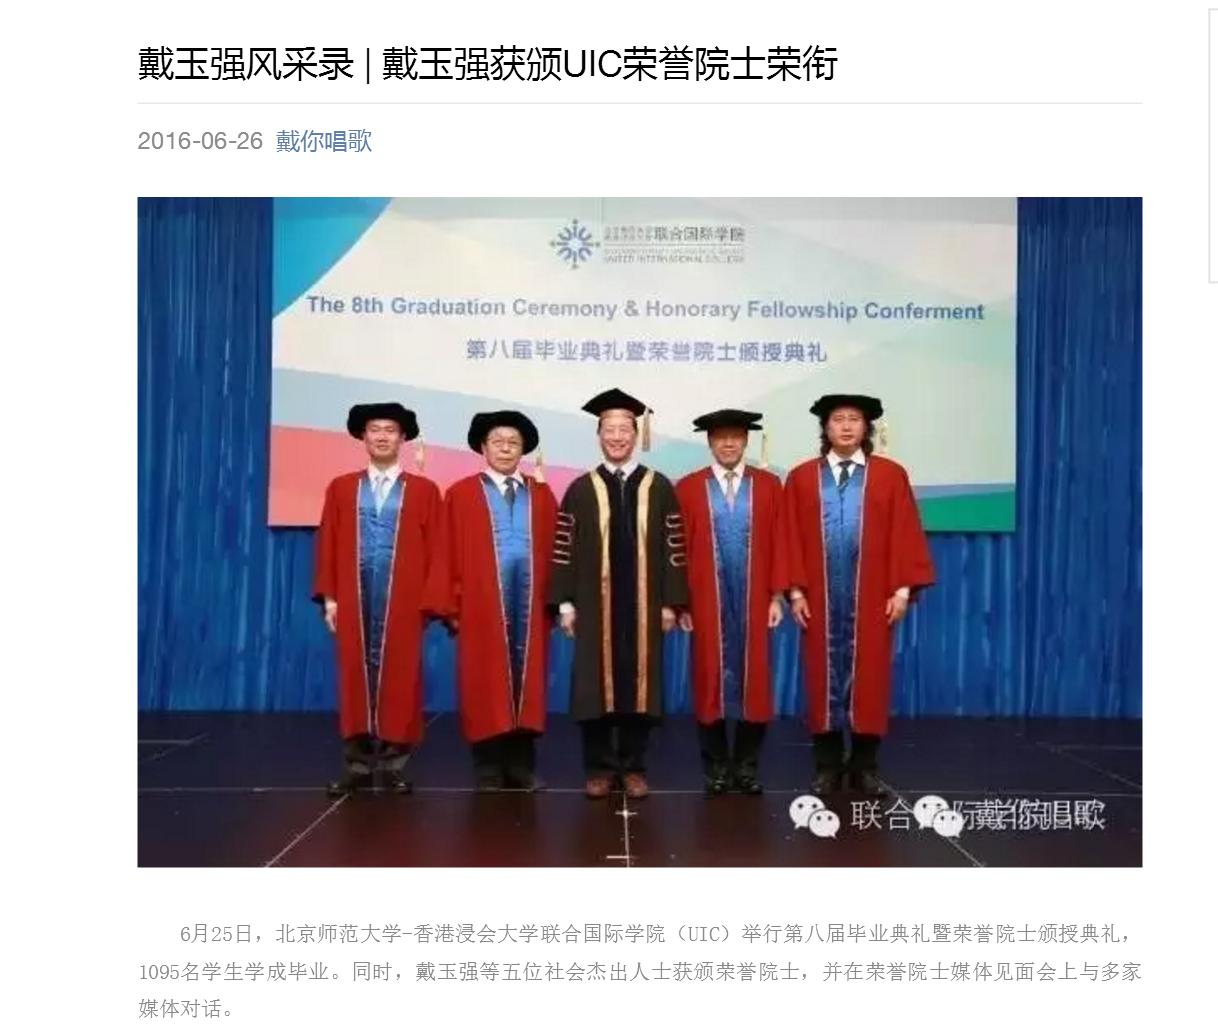 戴玉强获颁UIC荣誉院士荣衔